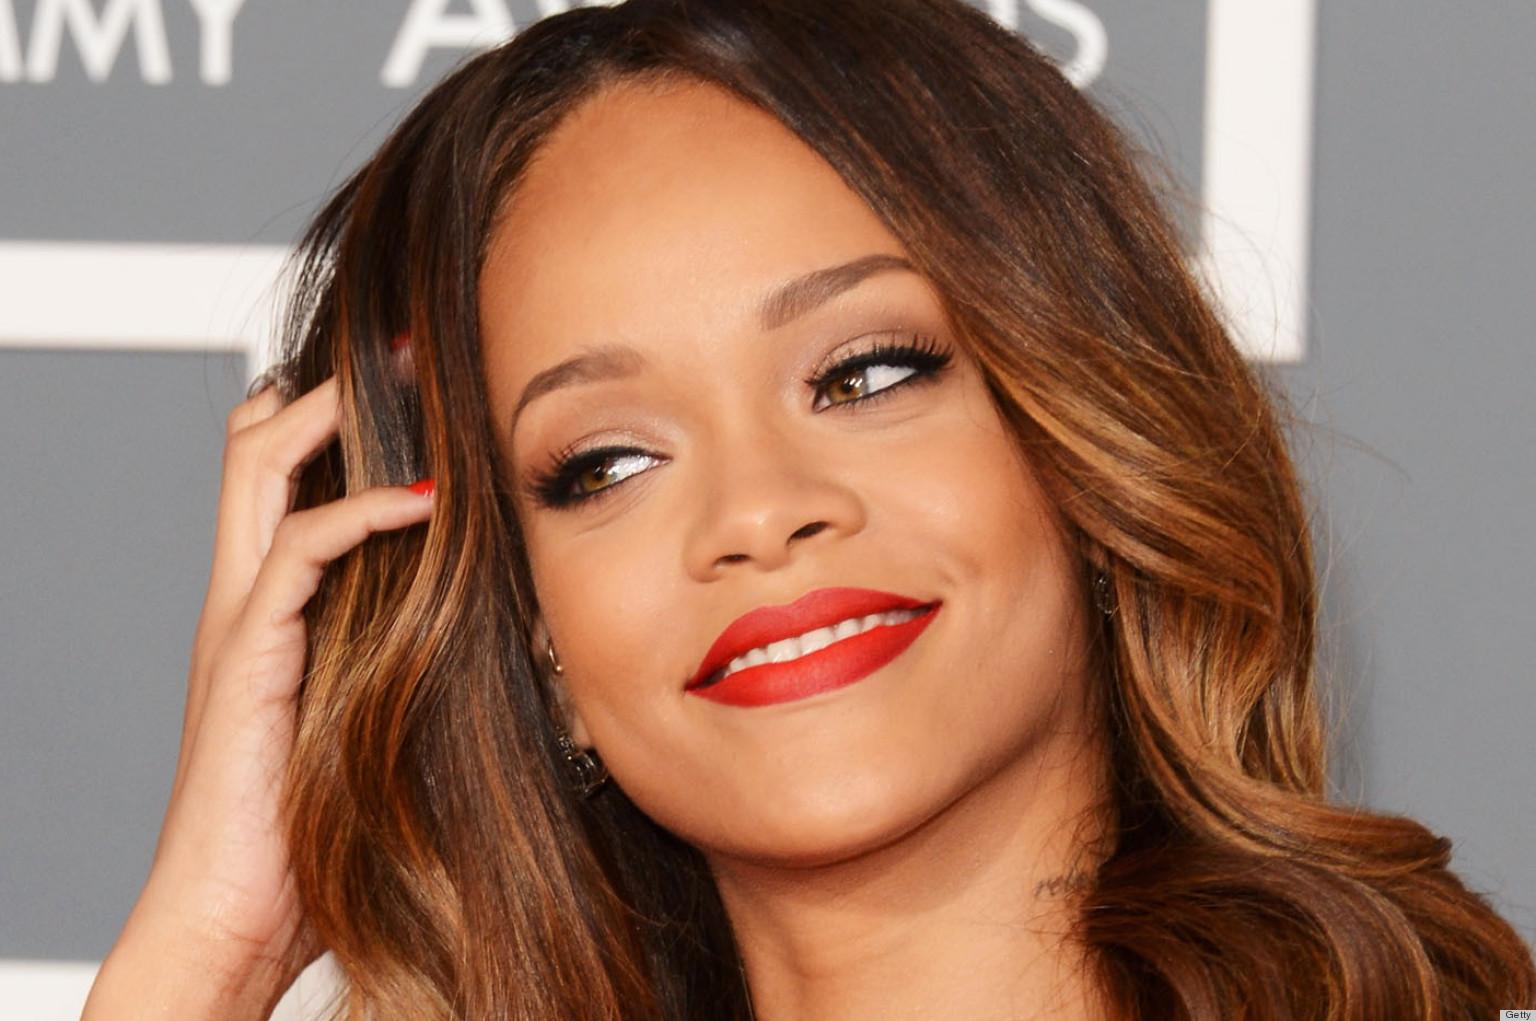 Rihanna: Rihanna, MAC Makeup Team Up For Multi-Collection Deal